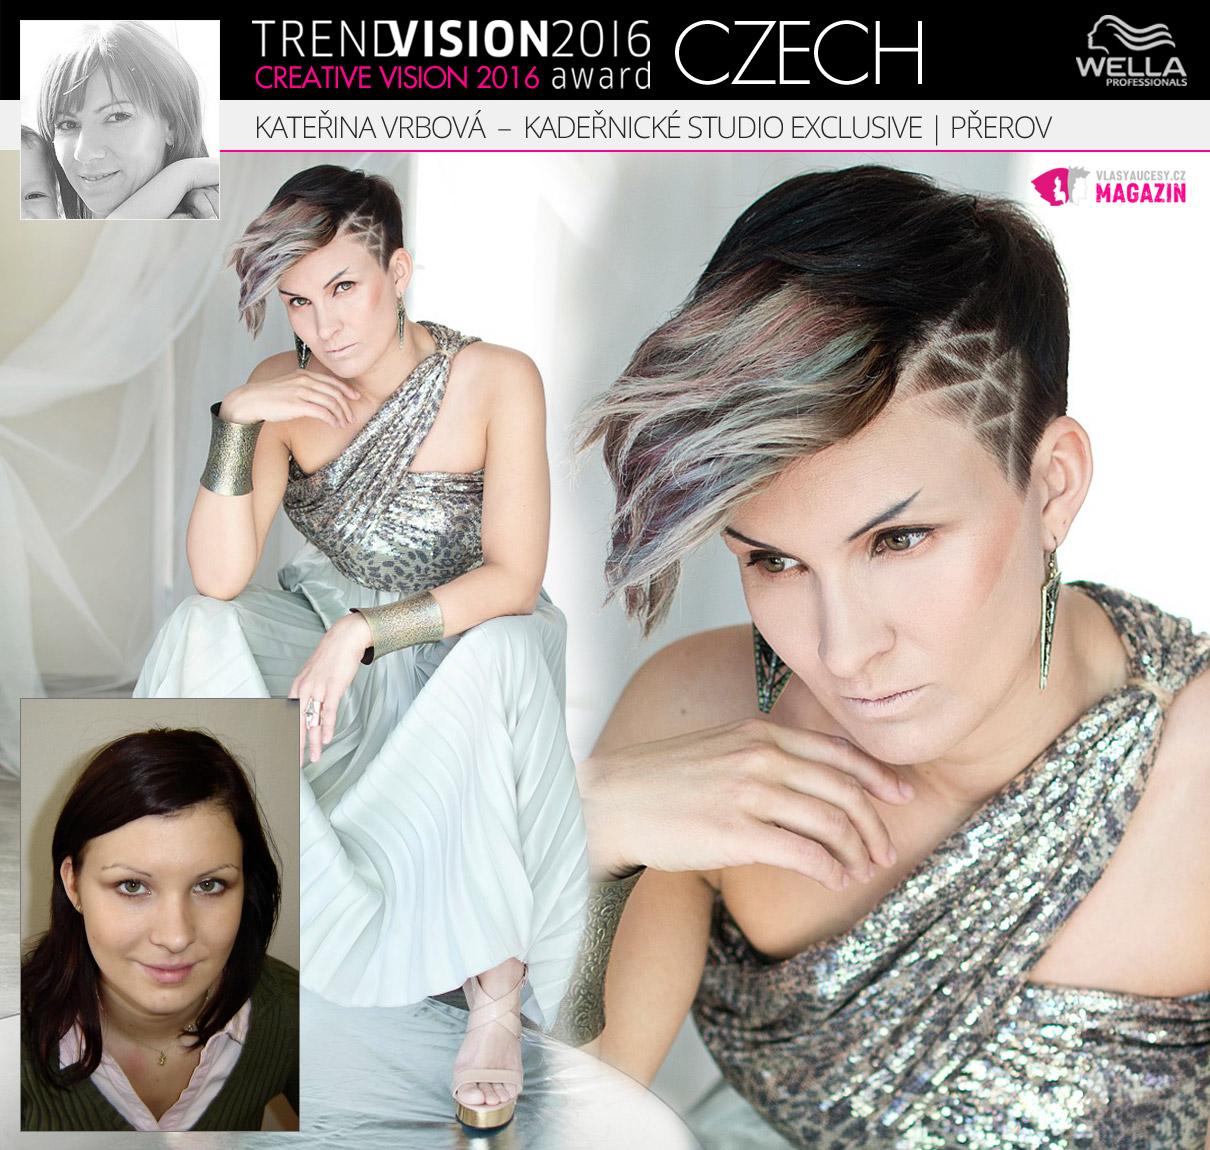 Kateřina Vrbová, Kadeřnické studio Exclusive, Přerov –Wella Professionals Trend Vision Award Česká republika, kategorie Creative Vision 2016.